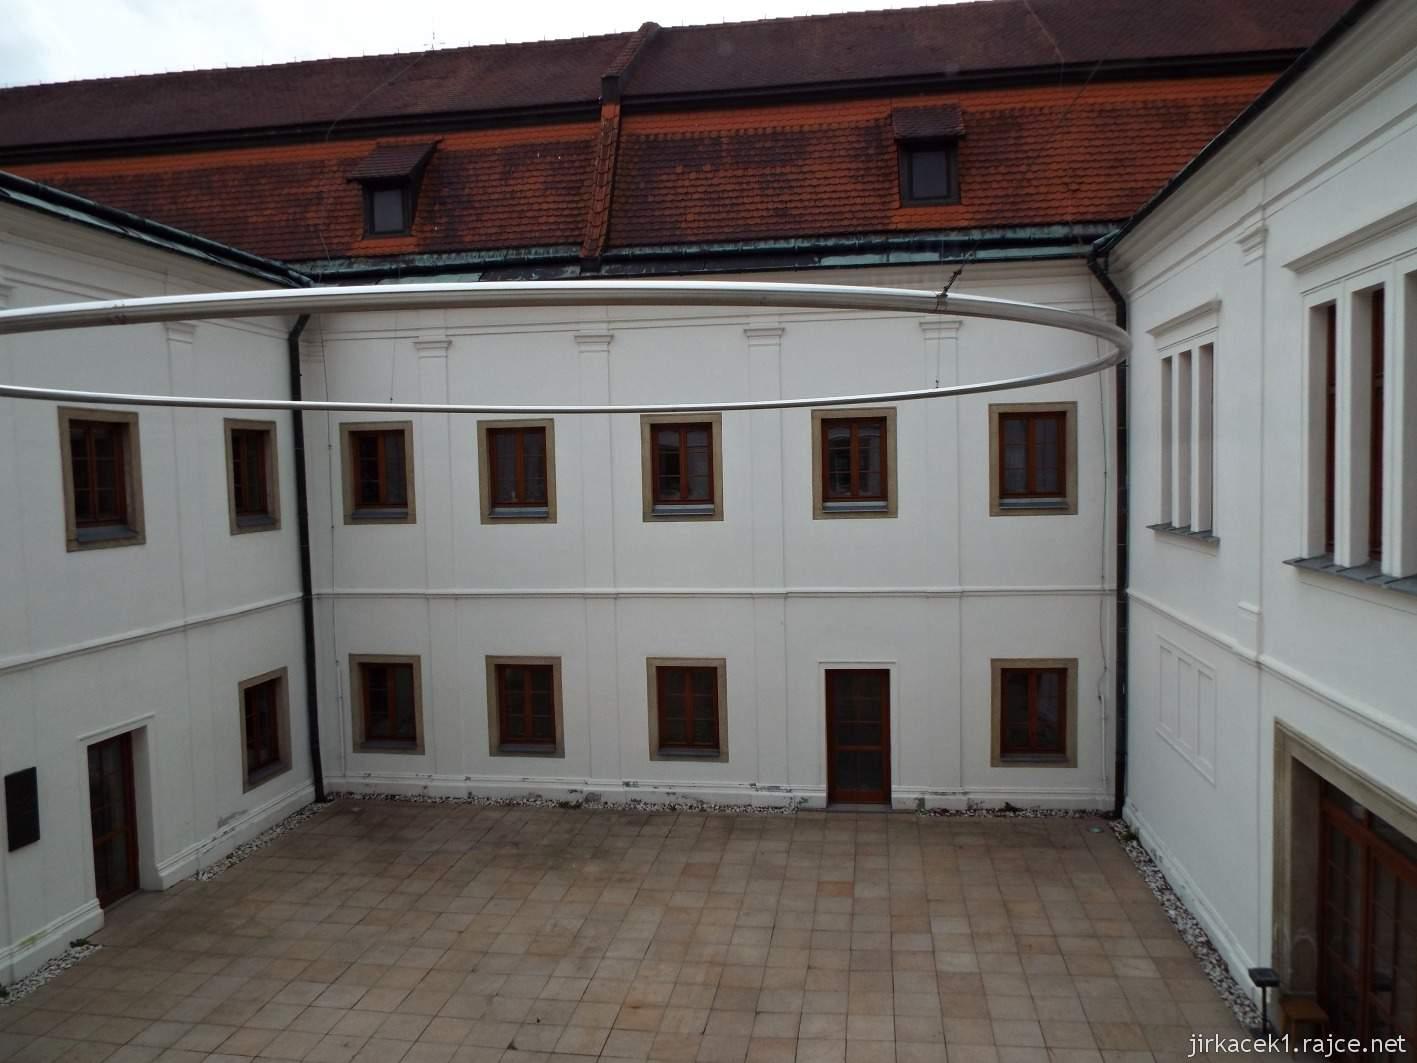 Vsetín - zámek 39 - muzeum - nádvoří zámku